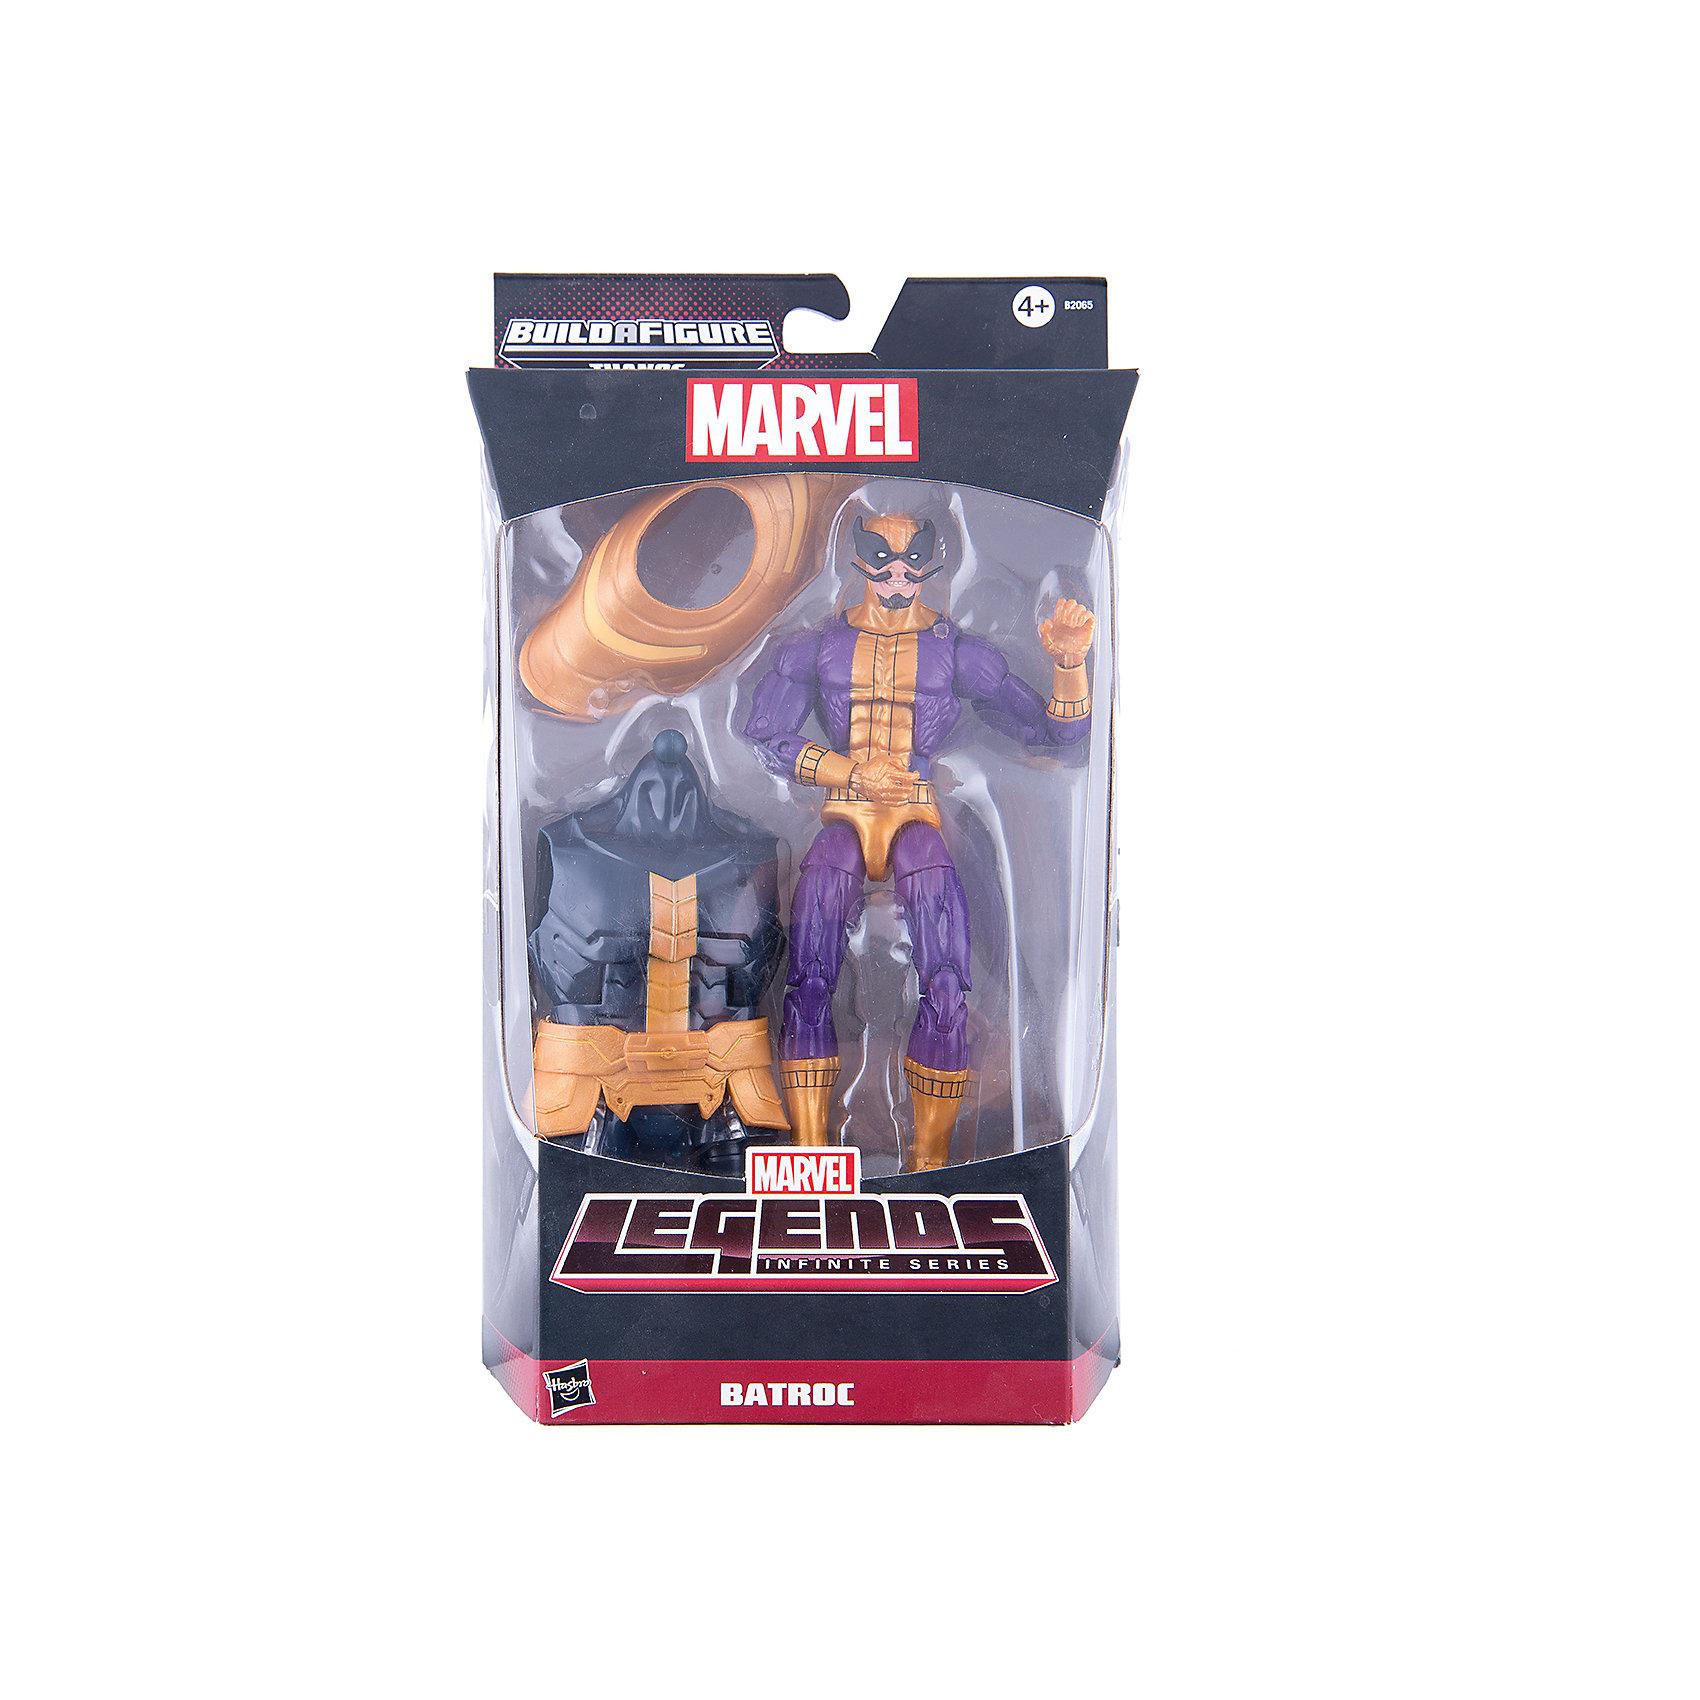 Коллекционная фигурка Марвел 15 см, Marvel Heroes, B2065/B0438Игрушки<br>Фигурка супер-злодея Батрока обязательно понравится всем поклонникам Marvel. Фигурка прекрасно детализирована, обладает большим числом точек артикуляции и подвижных соединений, что позволяет ей принимать разнообразные позы, открывая еще большие возможности для различных игровых сюжетов. Кроме того, в наборе - детали для сборки большого злодея Таноса. Собери все фигурки серии, собери фигурку Таноса и сразись с ним! <br><br>Дополнительная информация:<br><br>- Материал: пластик.<br>- Размер фигурки: 15 см.<br>- Подвижные конечности.<br>- Комплектация: фигурка Батрока, аксессуары, детали для фигурки Таноса.<br><br>Коллекционную фигурку Марвел 15 см, Marvel Heroes, можно купить в нашем магазине.<br><br>Ширина мм: 64<br>Глубина мм: 152<br>Высота мм: 267<br>Вес г: 220<br>Возраст от месяцев: 48<br>Возраст до месяцев: 192<br>Пол: Мужской<br>Возраст: Детский<br>SKU: 4563955